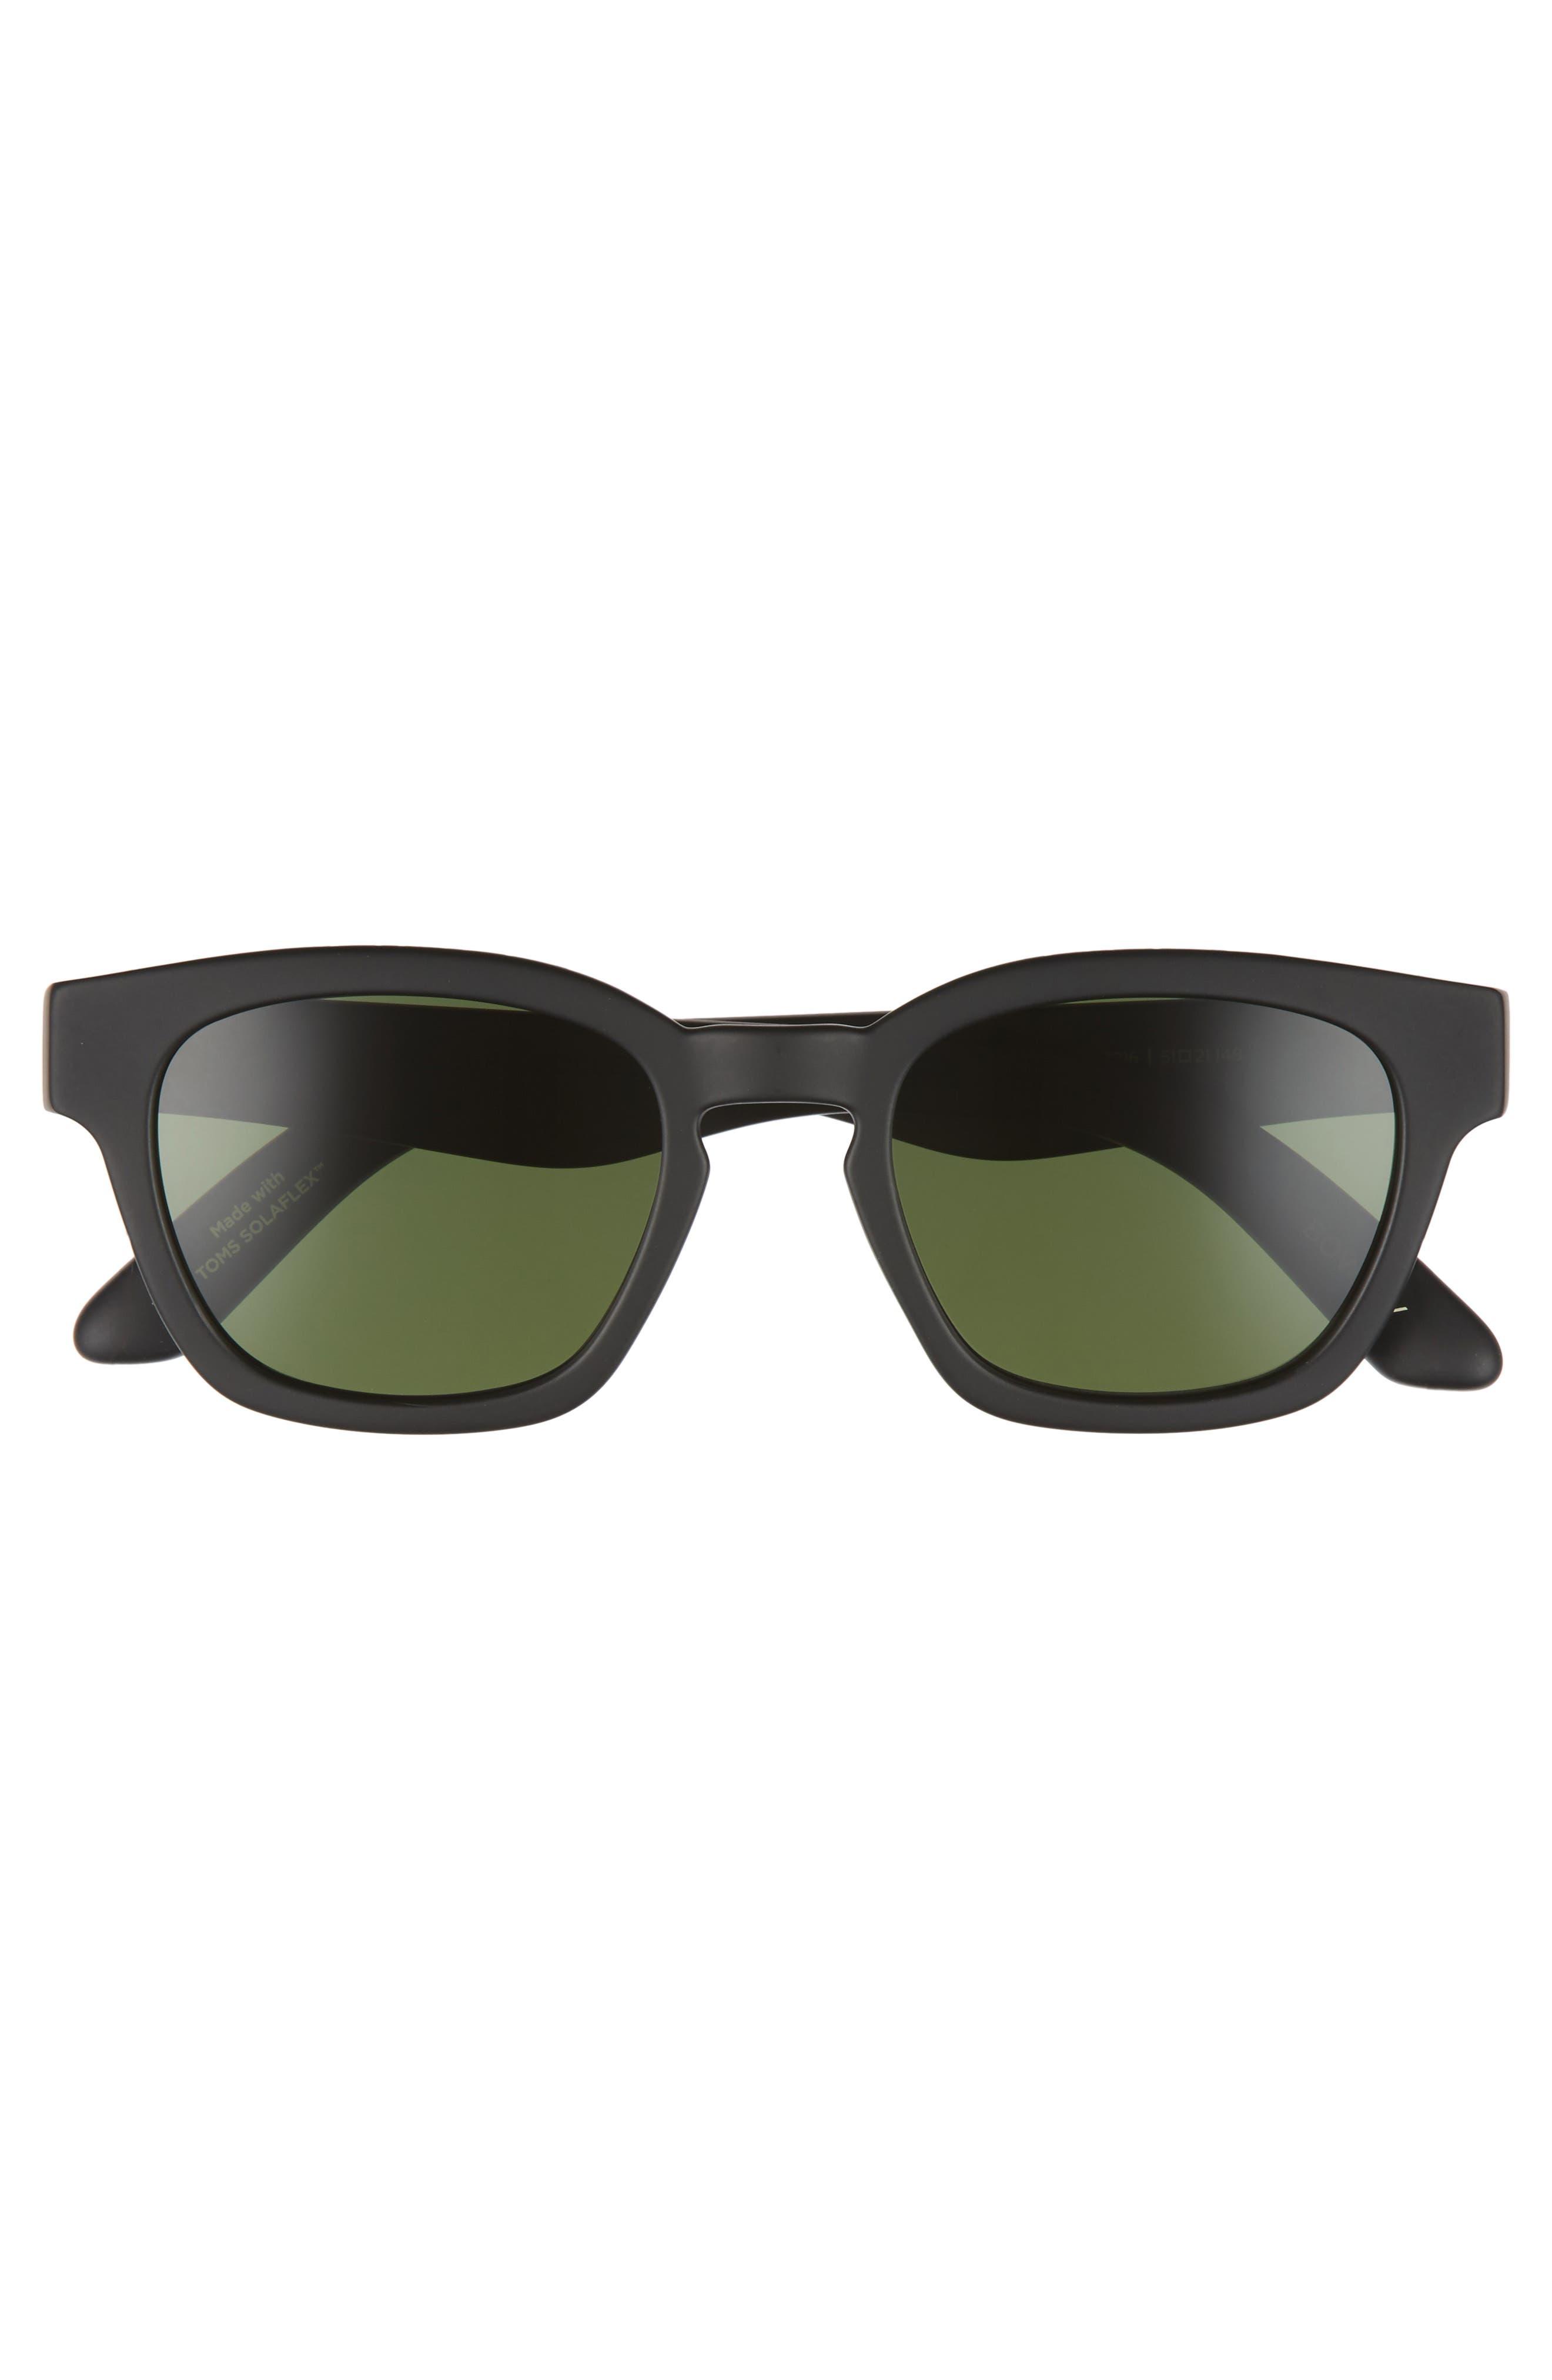 Bowery 51mm Polarized Sunglasses,                             Alternate thumbnail 2, color,                             Matte Black Polar